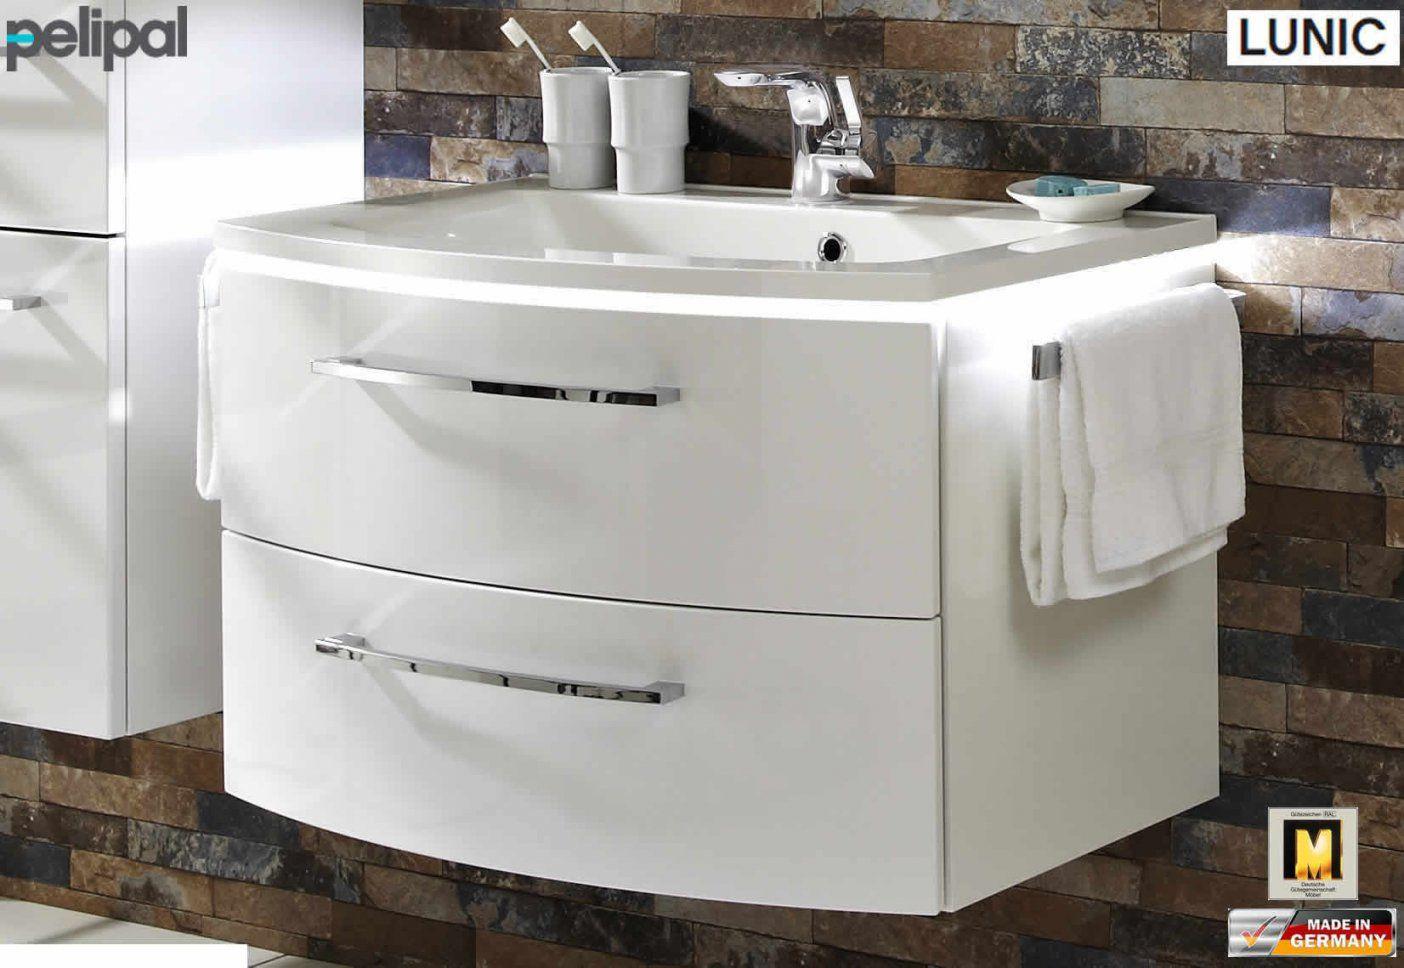 Waschtisch Mit Unterschrank 80 Cm Breit von Waschbecken 70 Cm Mit Unterschrank Bild